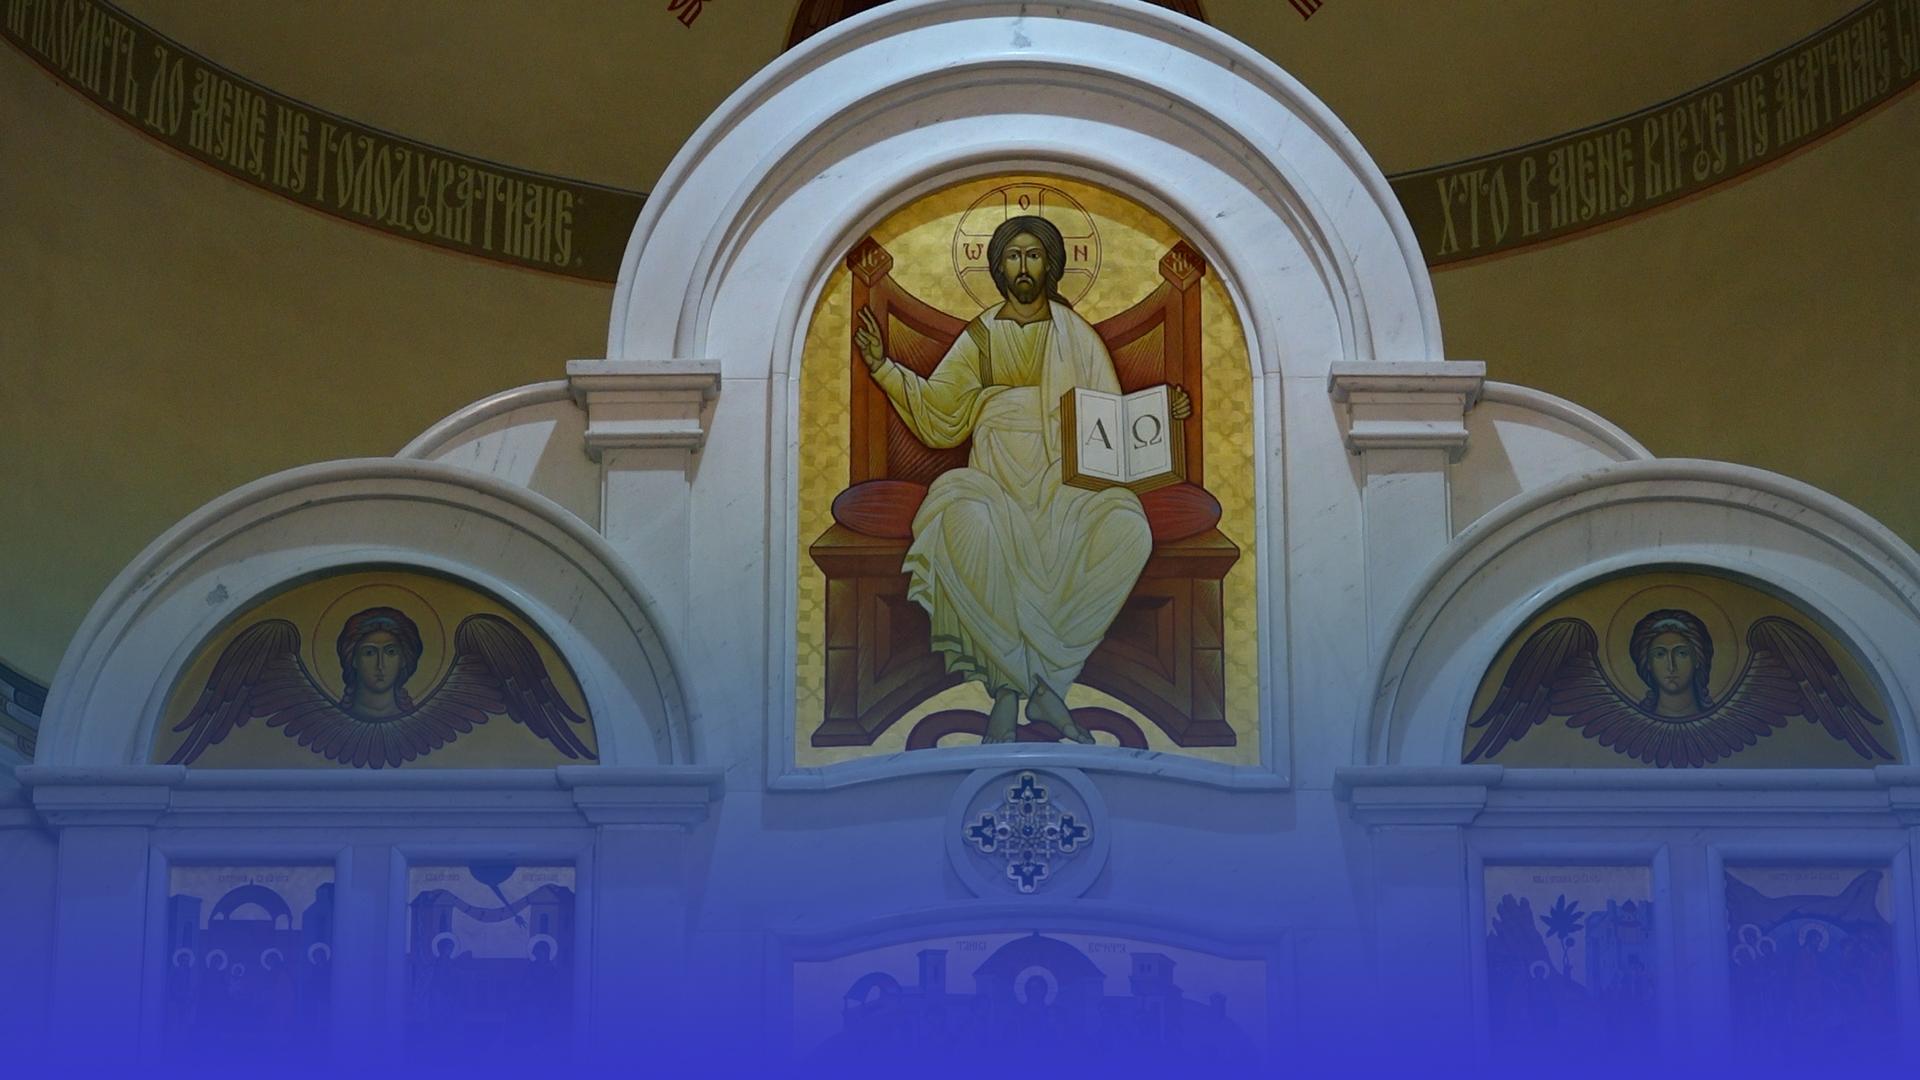 20 років реставраційних робіт: у Заліщиках повністю оновили і розмалювали храм